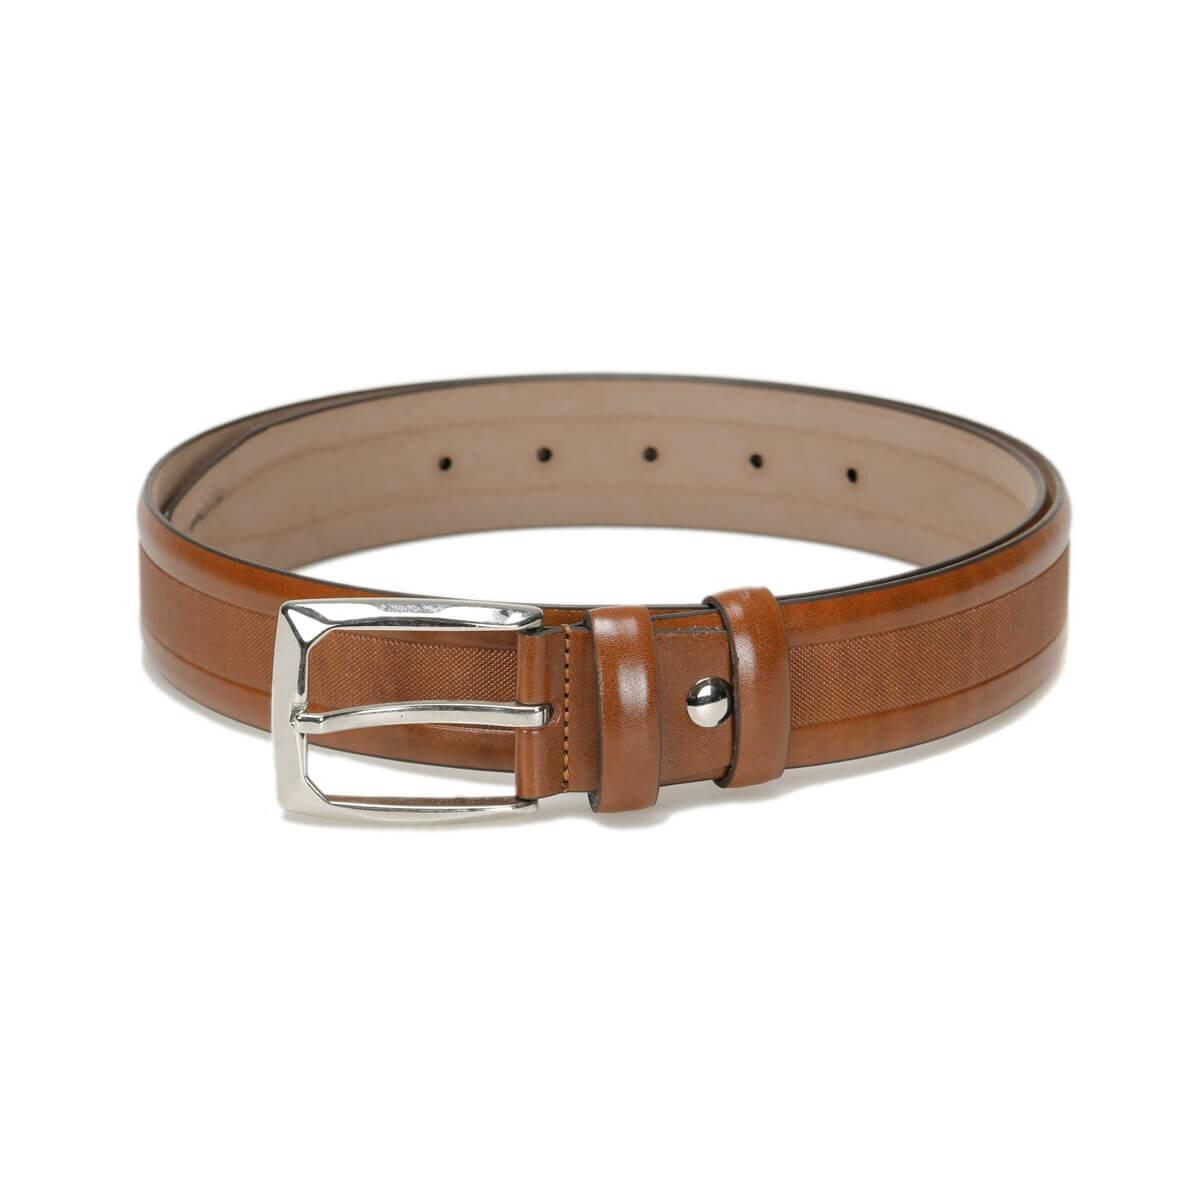 FLO MVZYN3403 Tan Male Belt Garamond